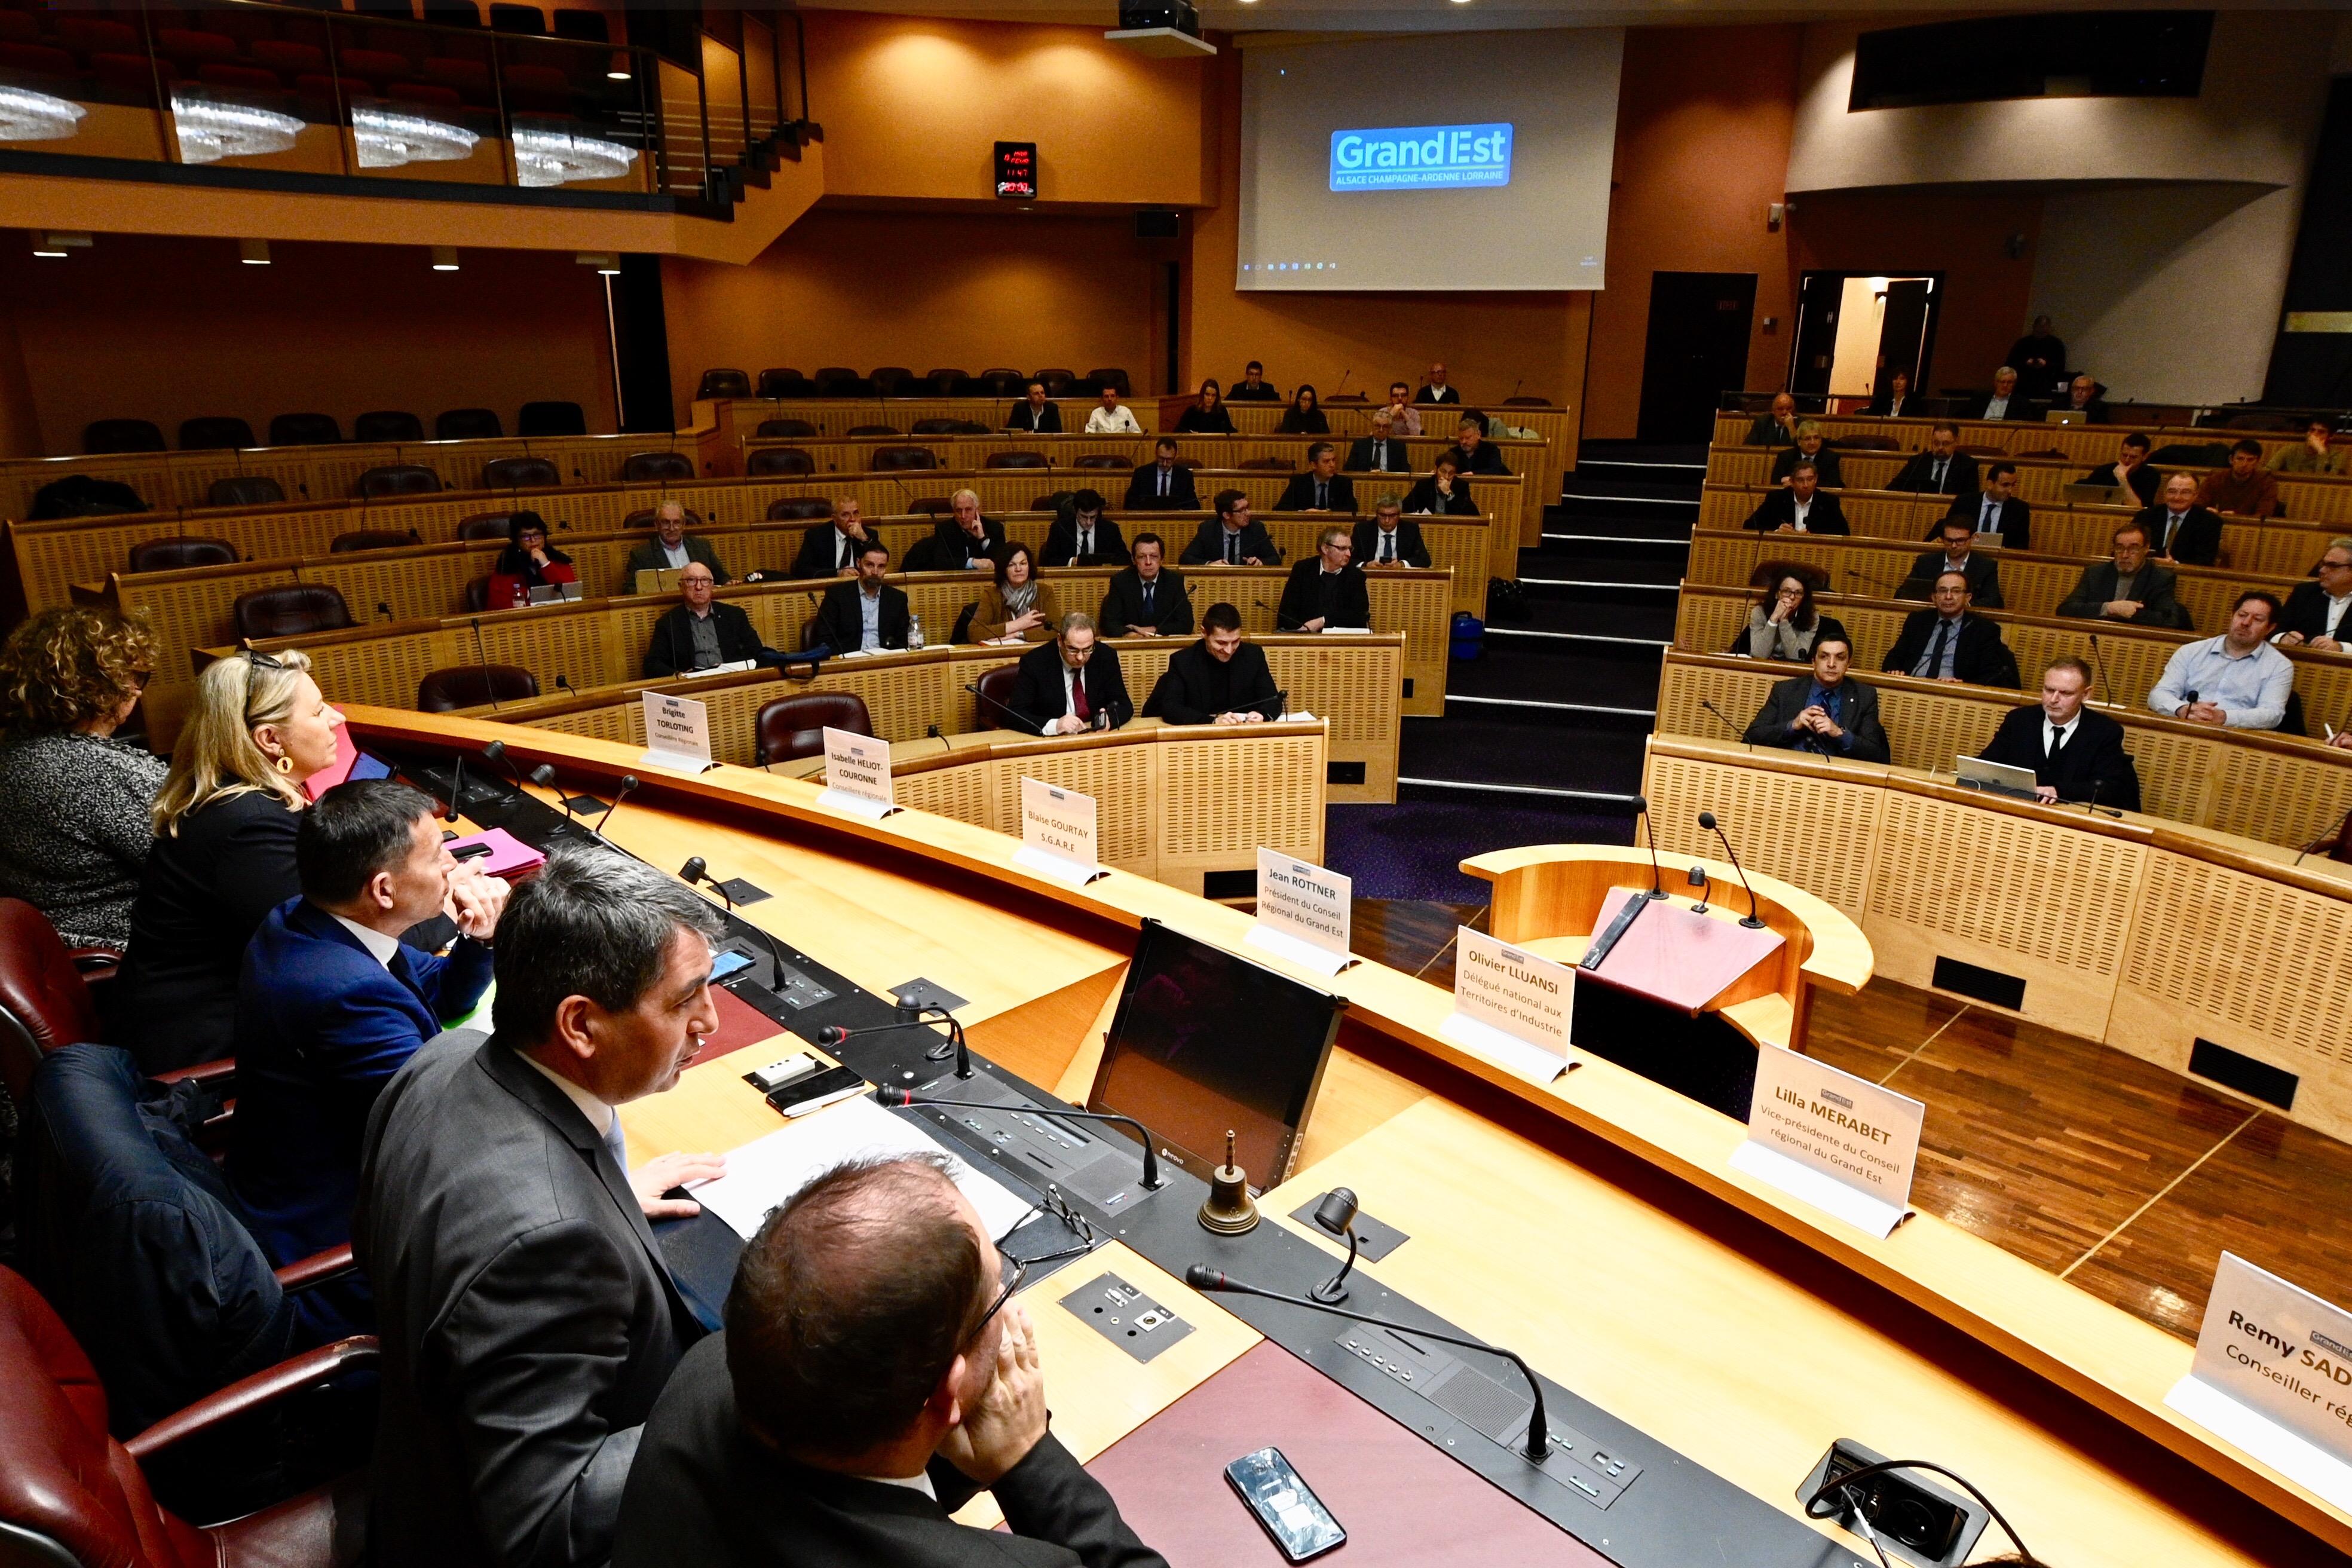 La Région Grand Est attribue près de 70,7 millions d'euros d'aides